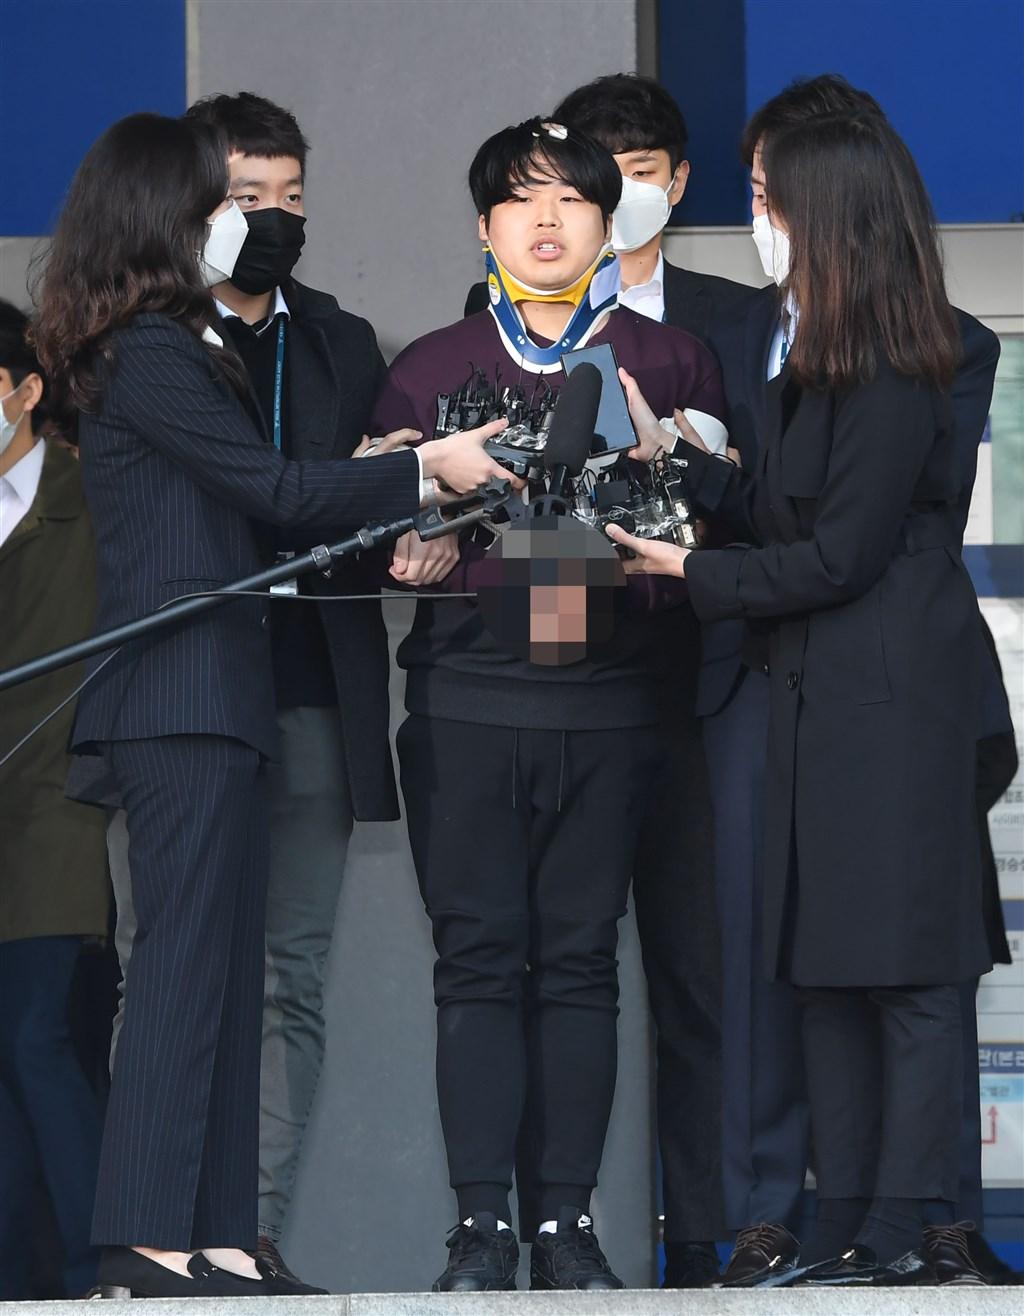 韓國爆發N號房事件,脅迫女性拍攝性剝削影片並在網路聊天室販賣的犯罪嫌疑人趙主彬(前右2)25日現身向被害者道歉。(韓聯社提供)